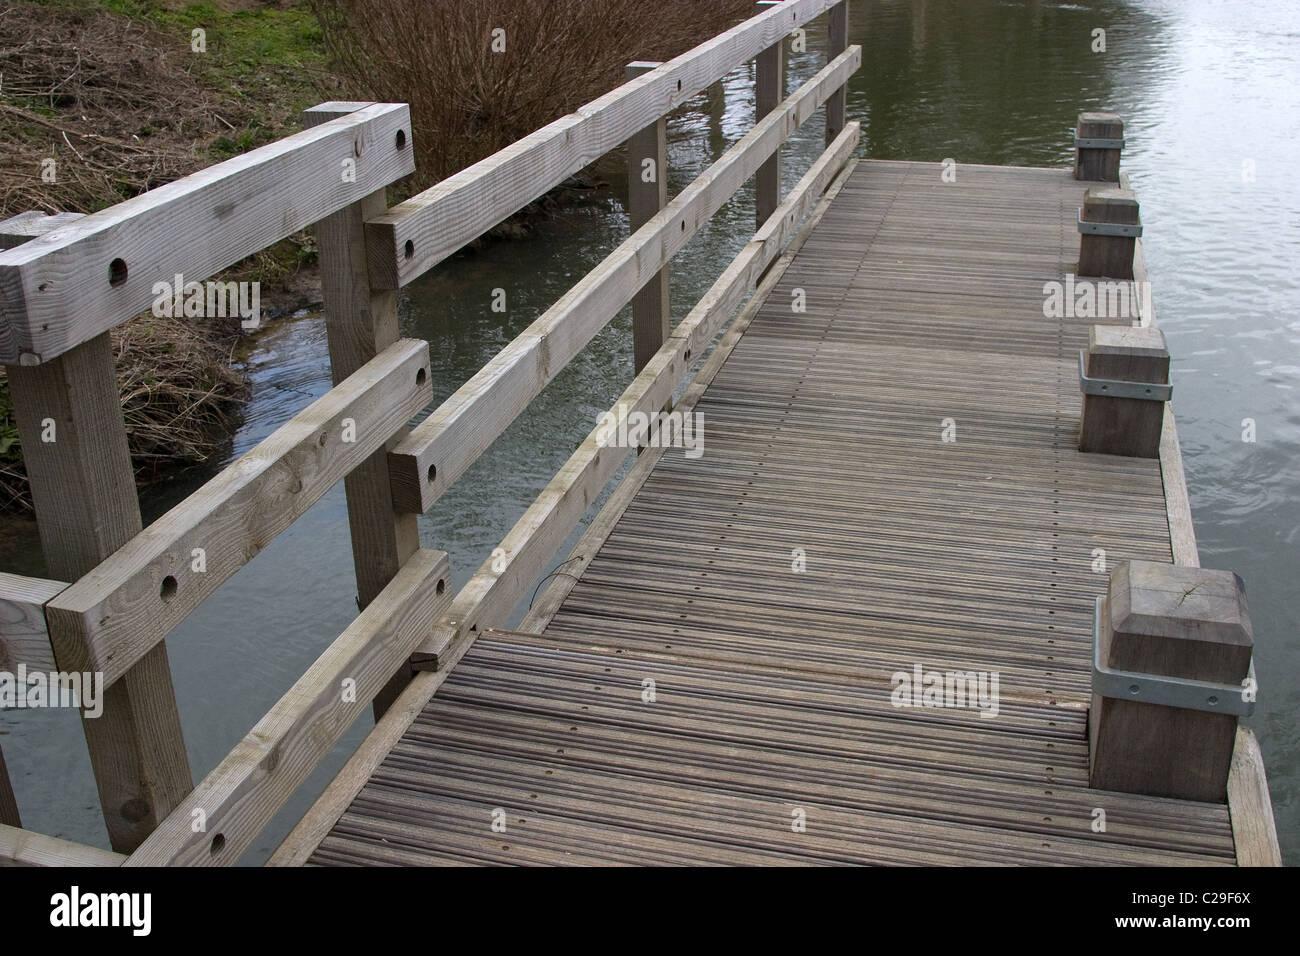 hidden concealed step wood decking canoe portege - Stock Image